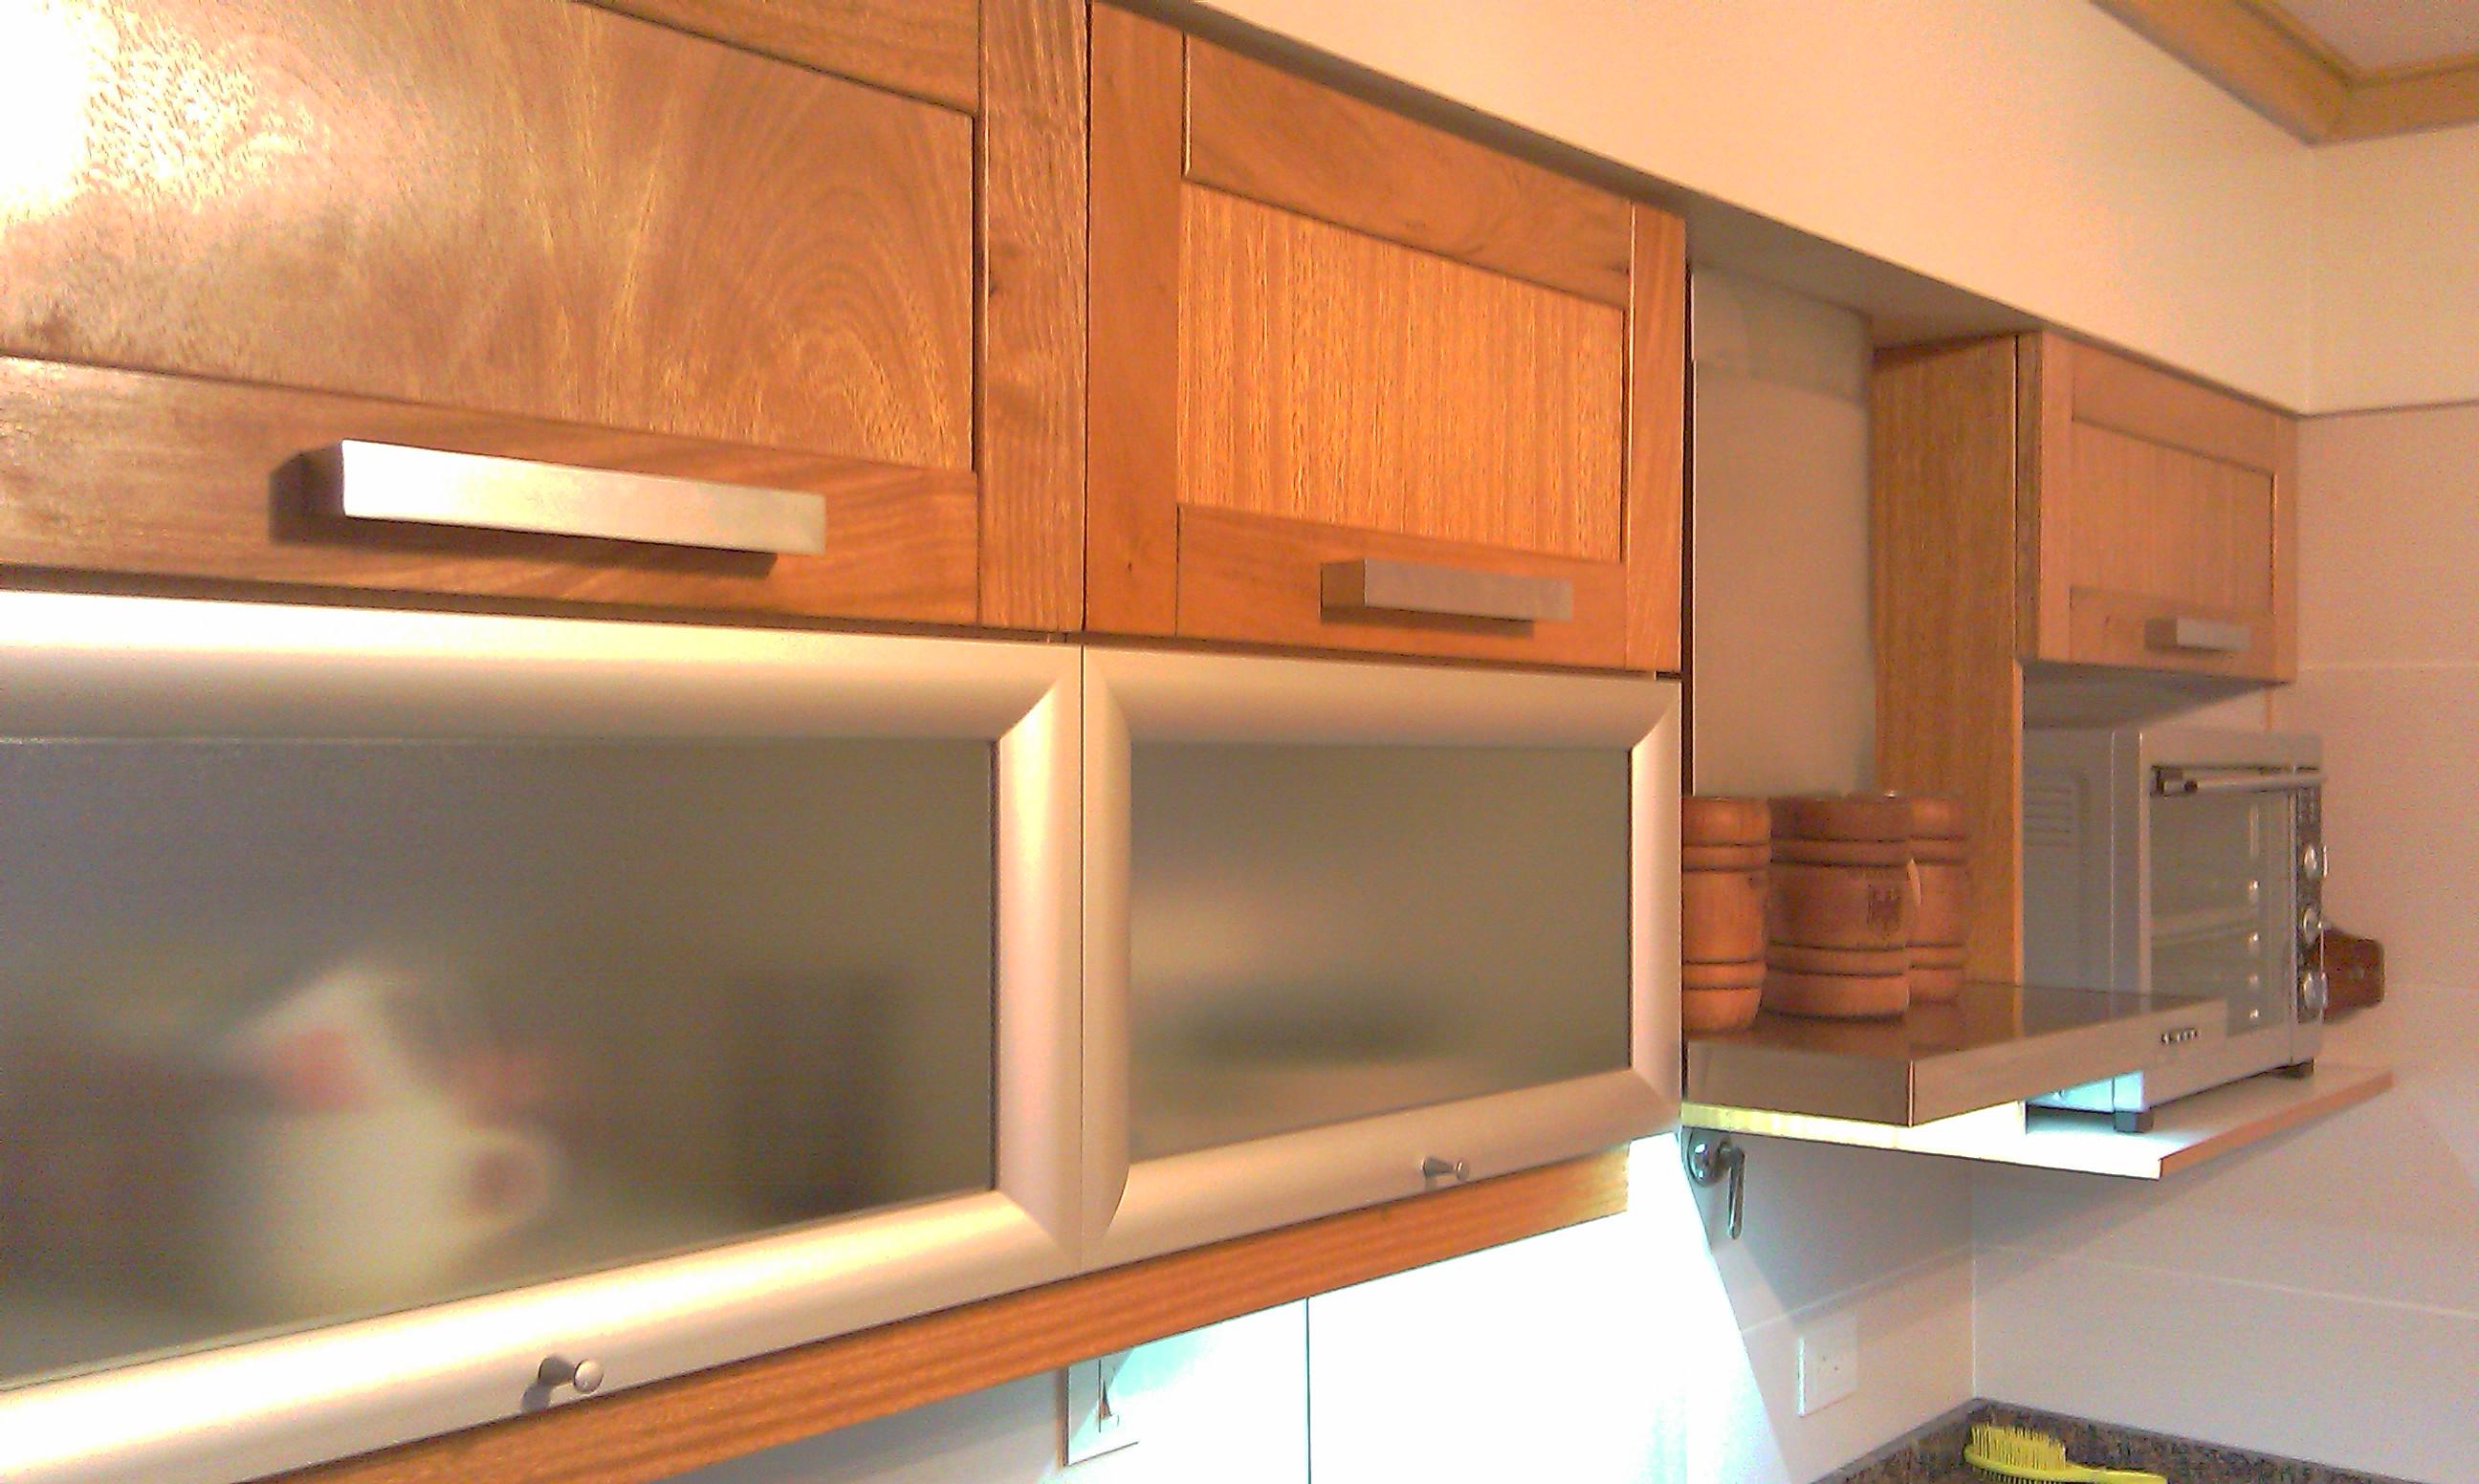 Sergio armador de muebles carpintero cristaleros pintor instalador soporte de tv peque as - Instalador de cocinas ...